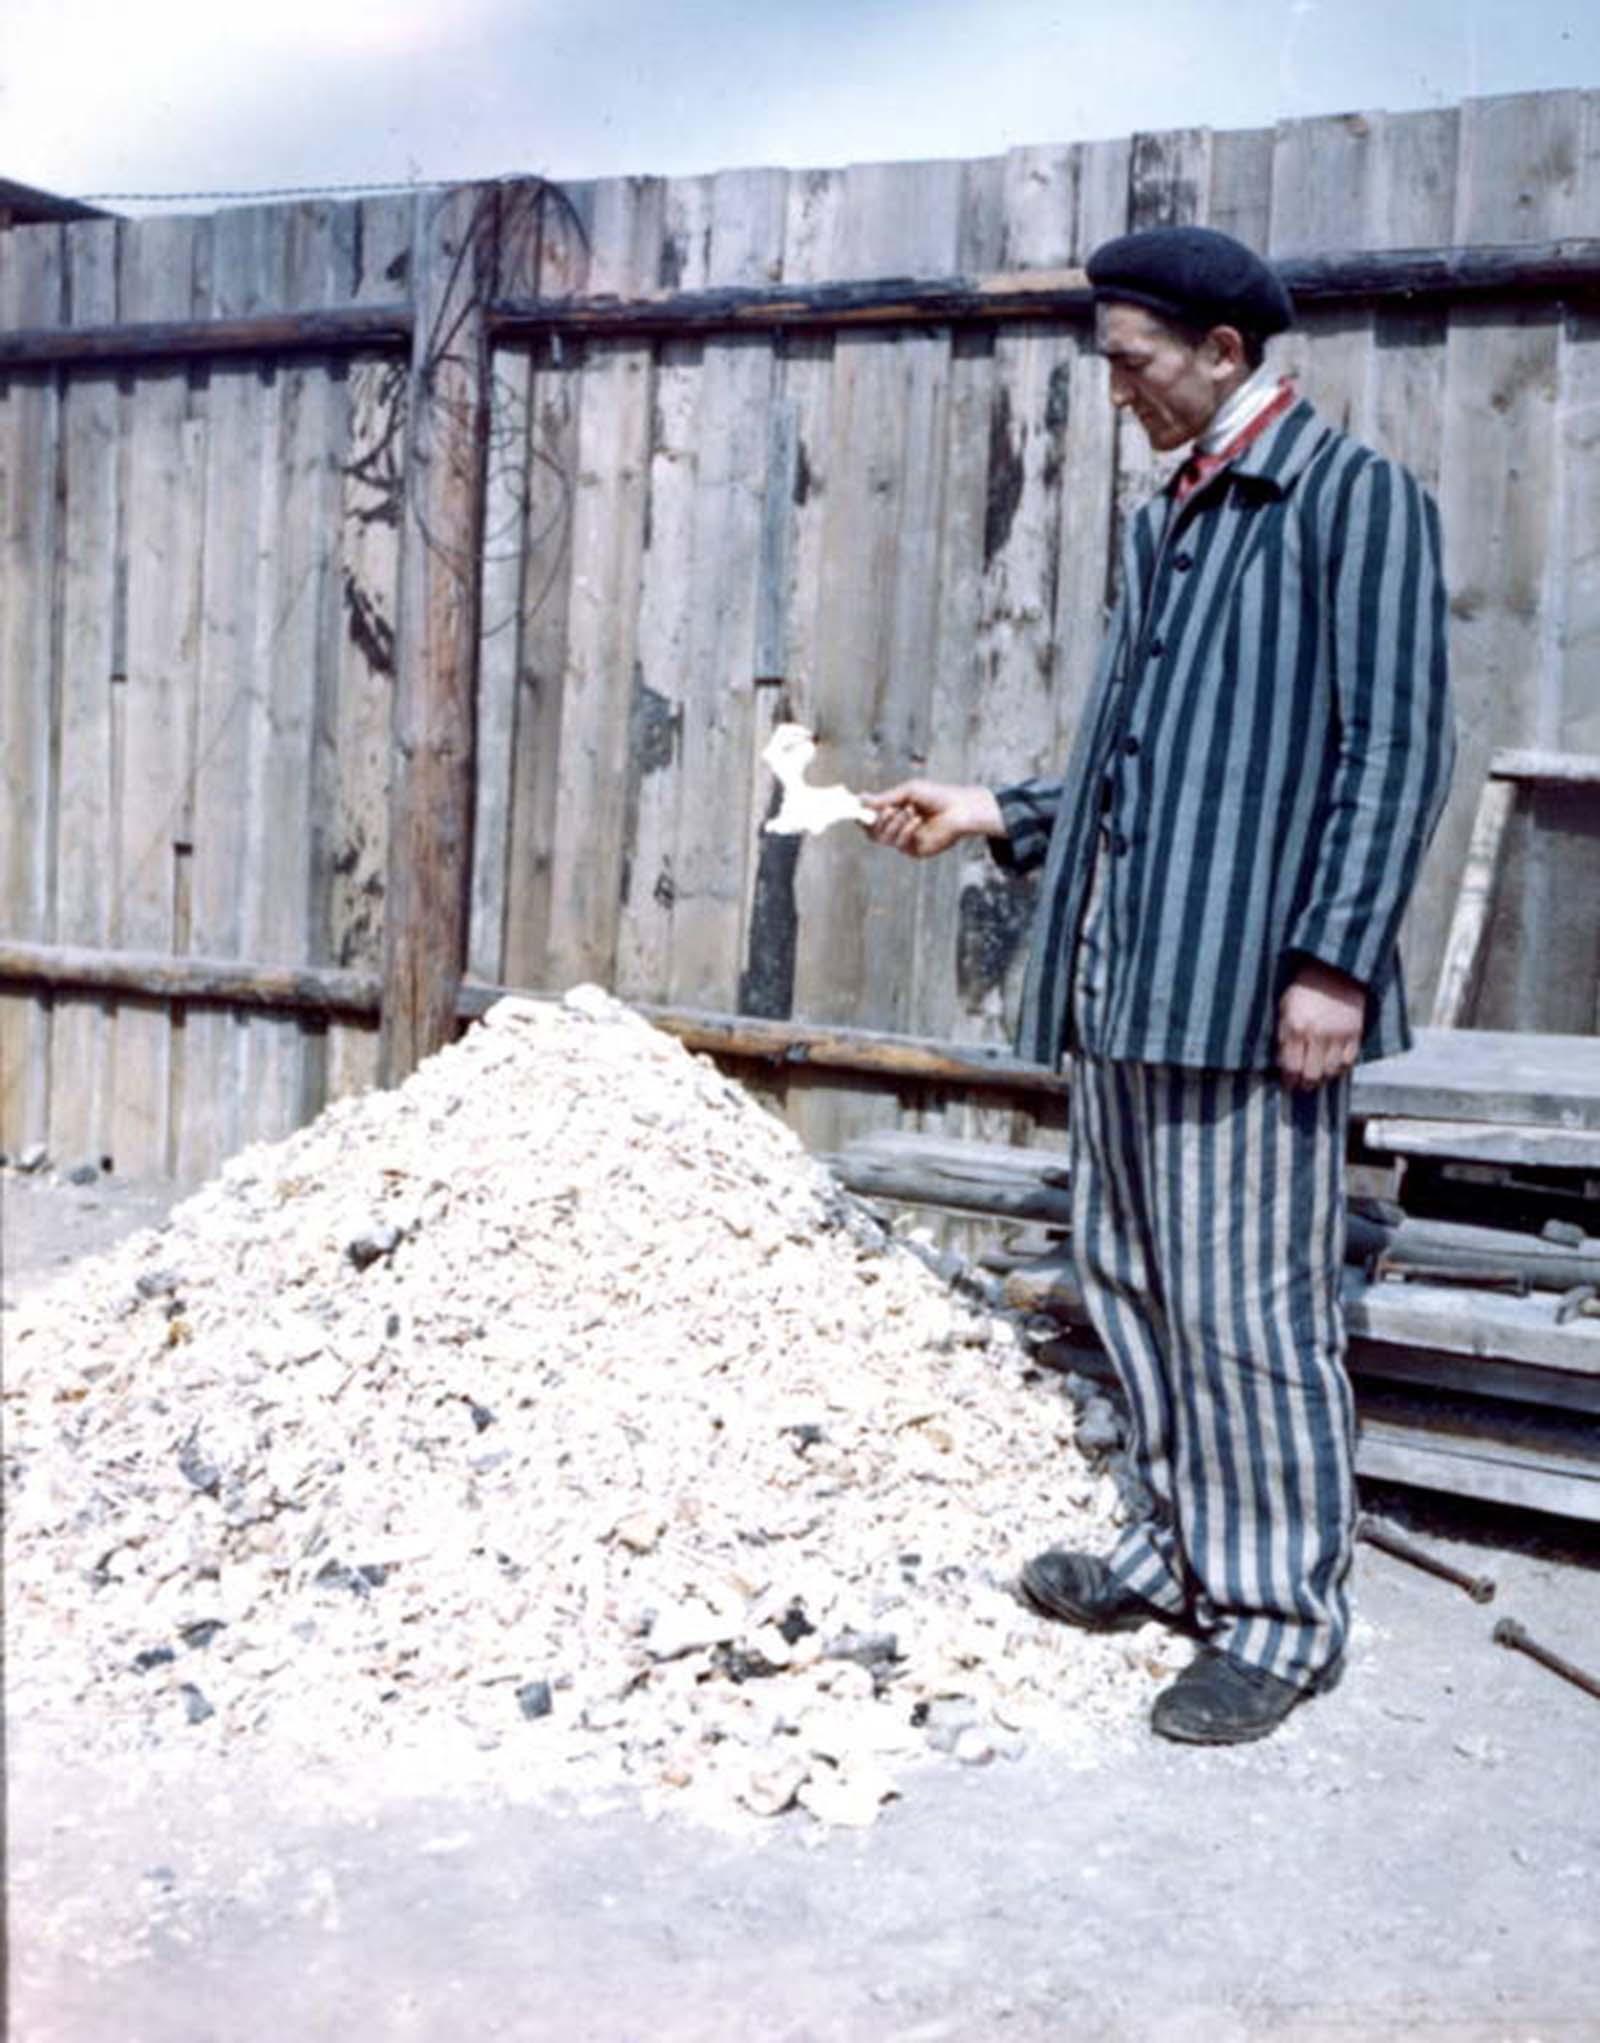 Egy volt fogoly emberi csontot tart a buchenwaldi koncentrációs tábor hamvasztójának egy nagy halmából.  1945.